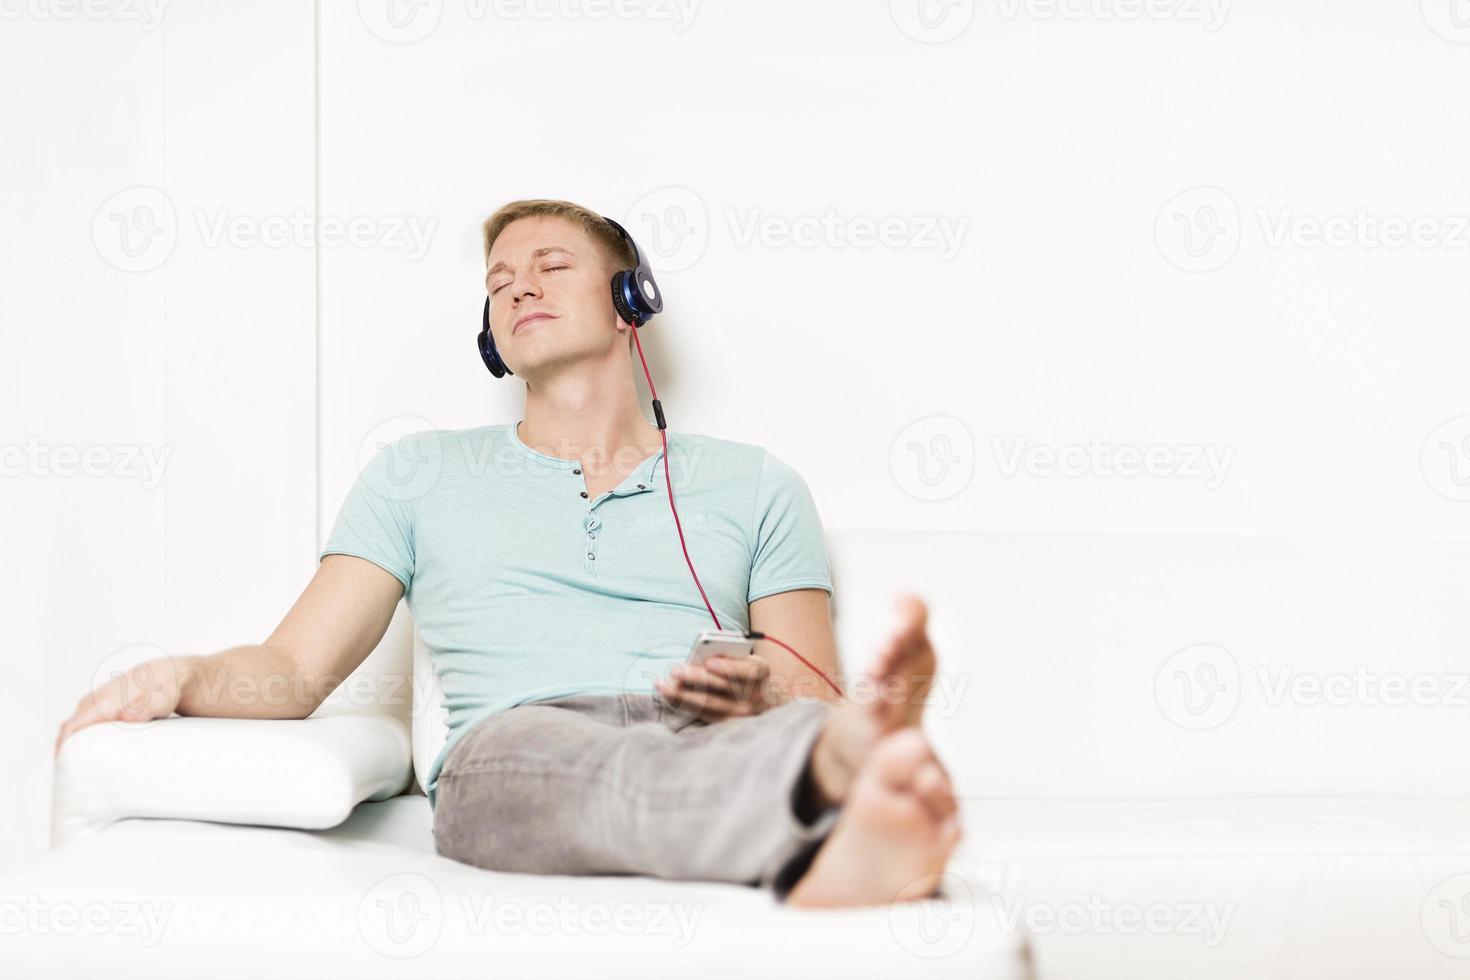 avslappnad man lyssnar på musik med hörlurar och stängda ögon. foto